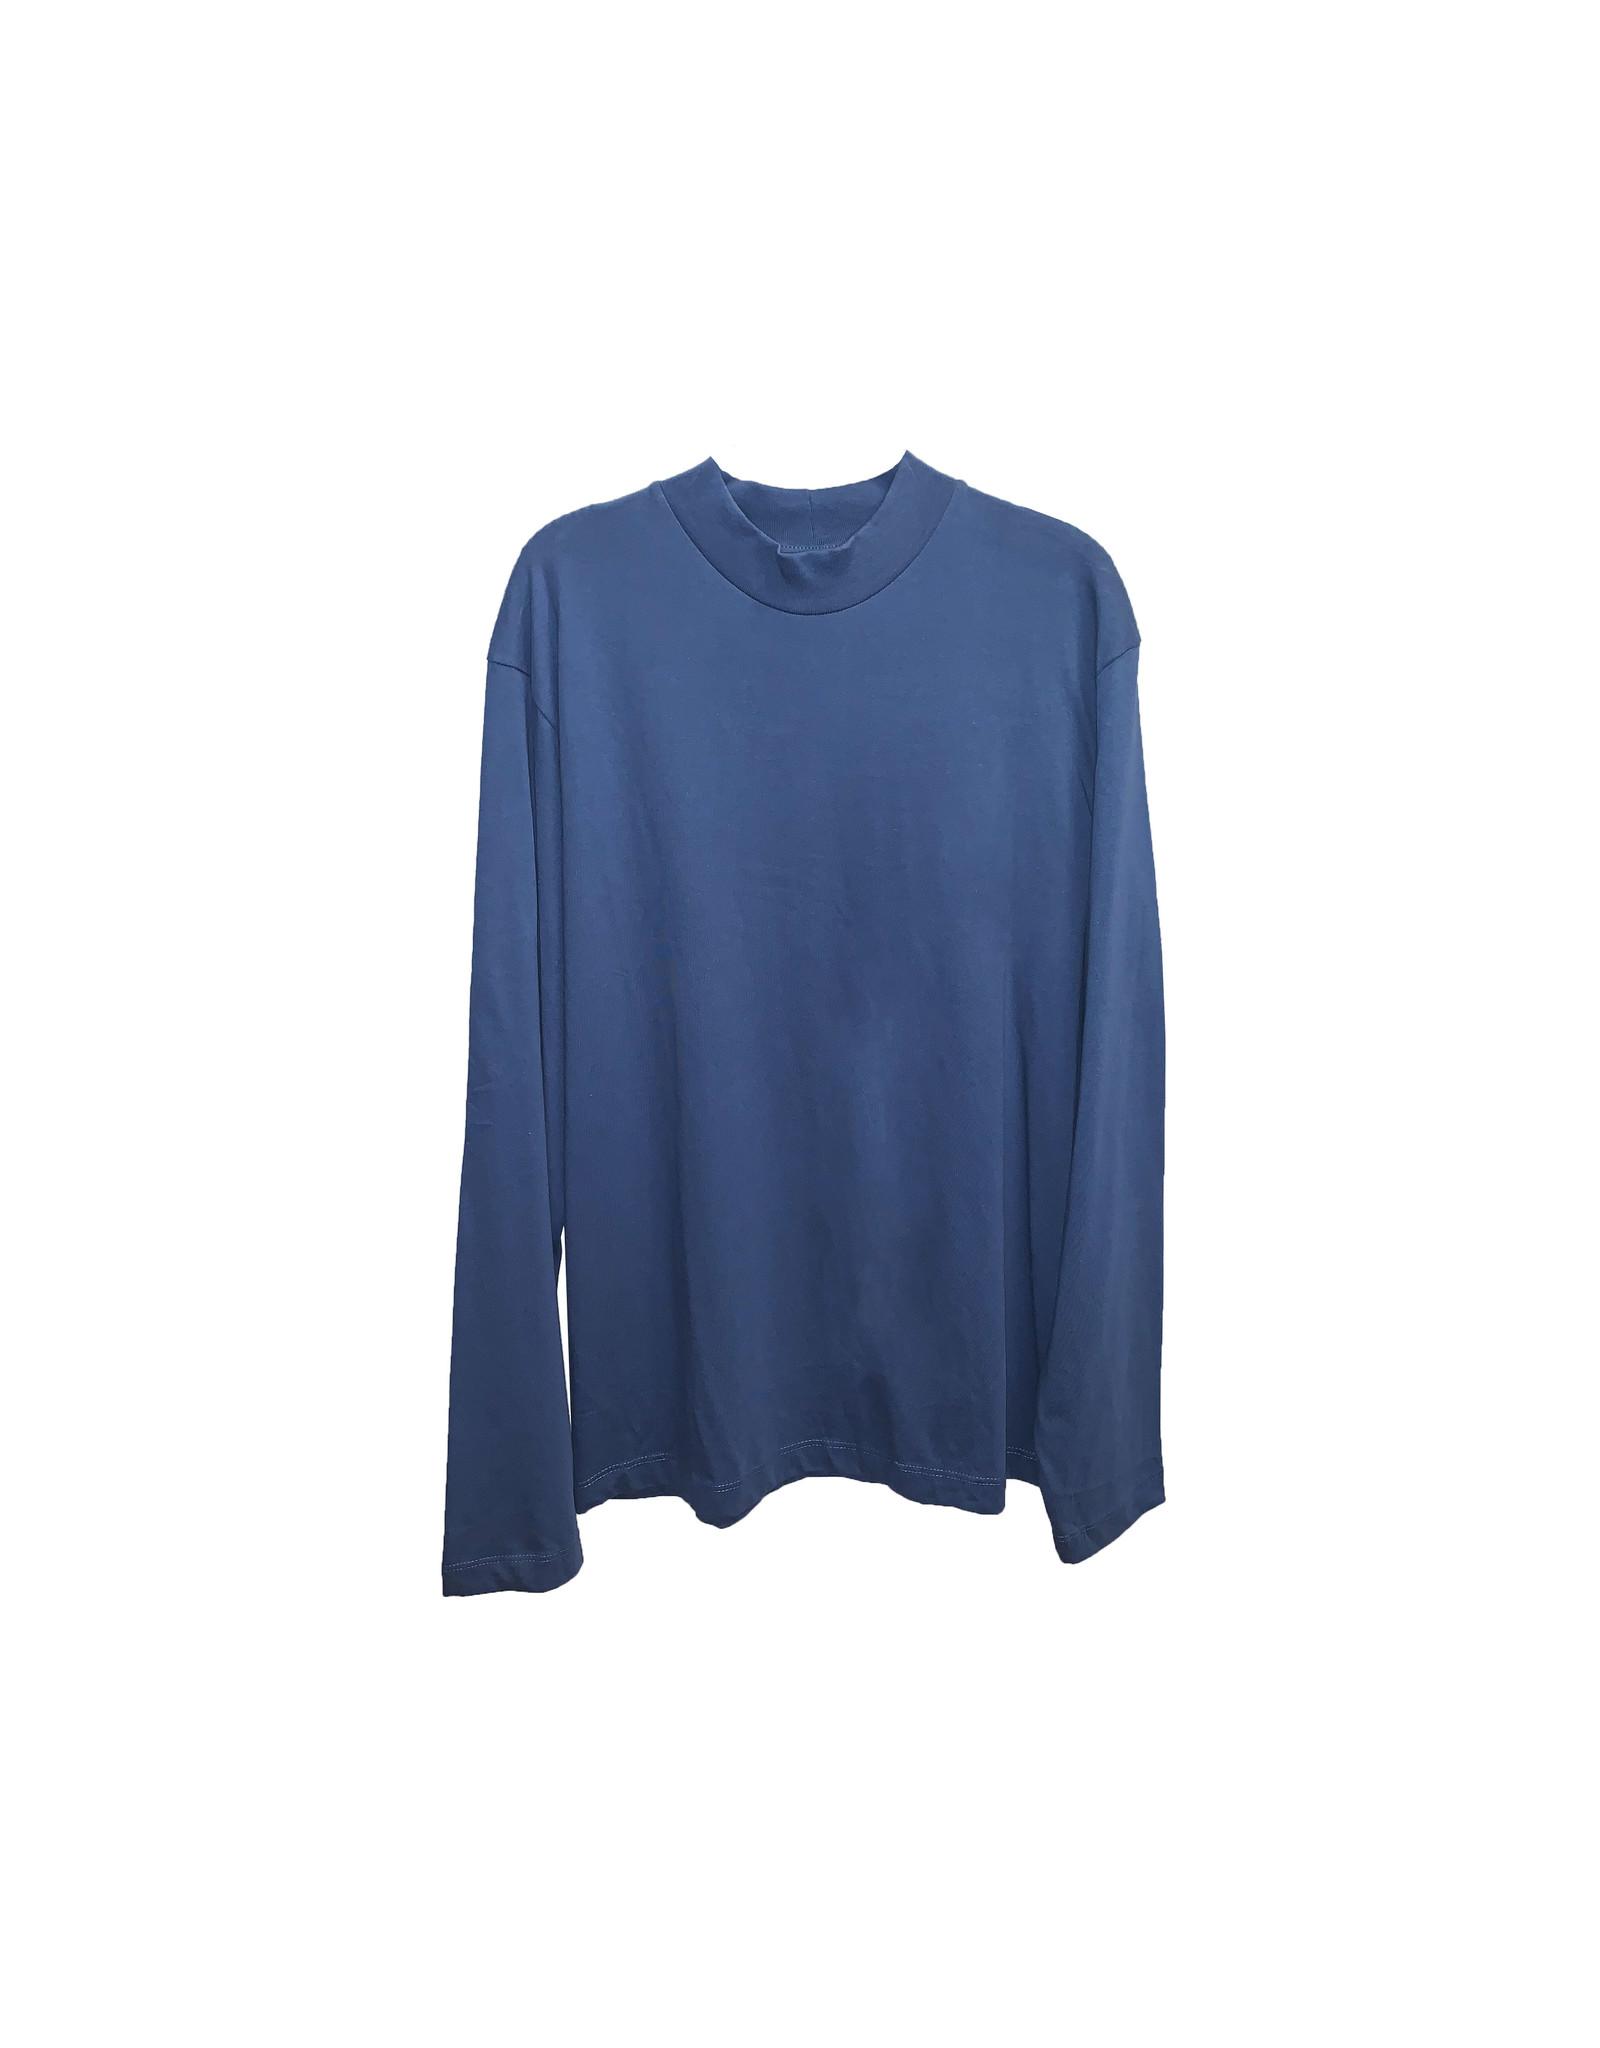 TOPMAN TOPMAN Basic Sweatshirt